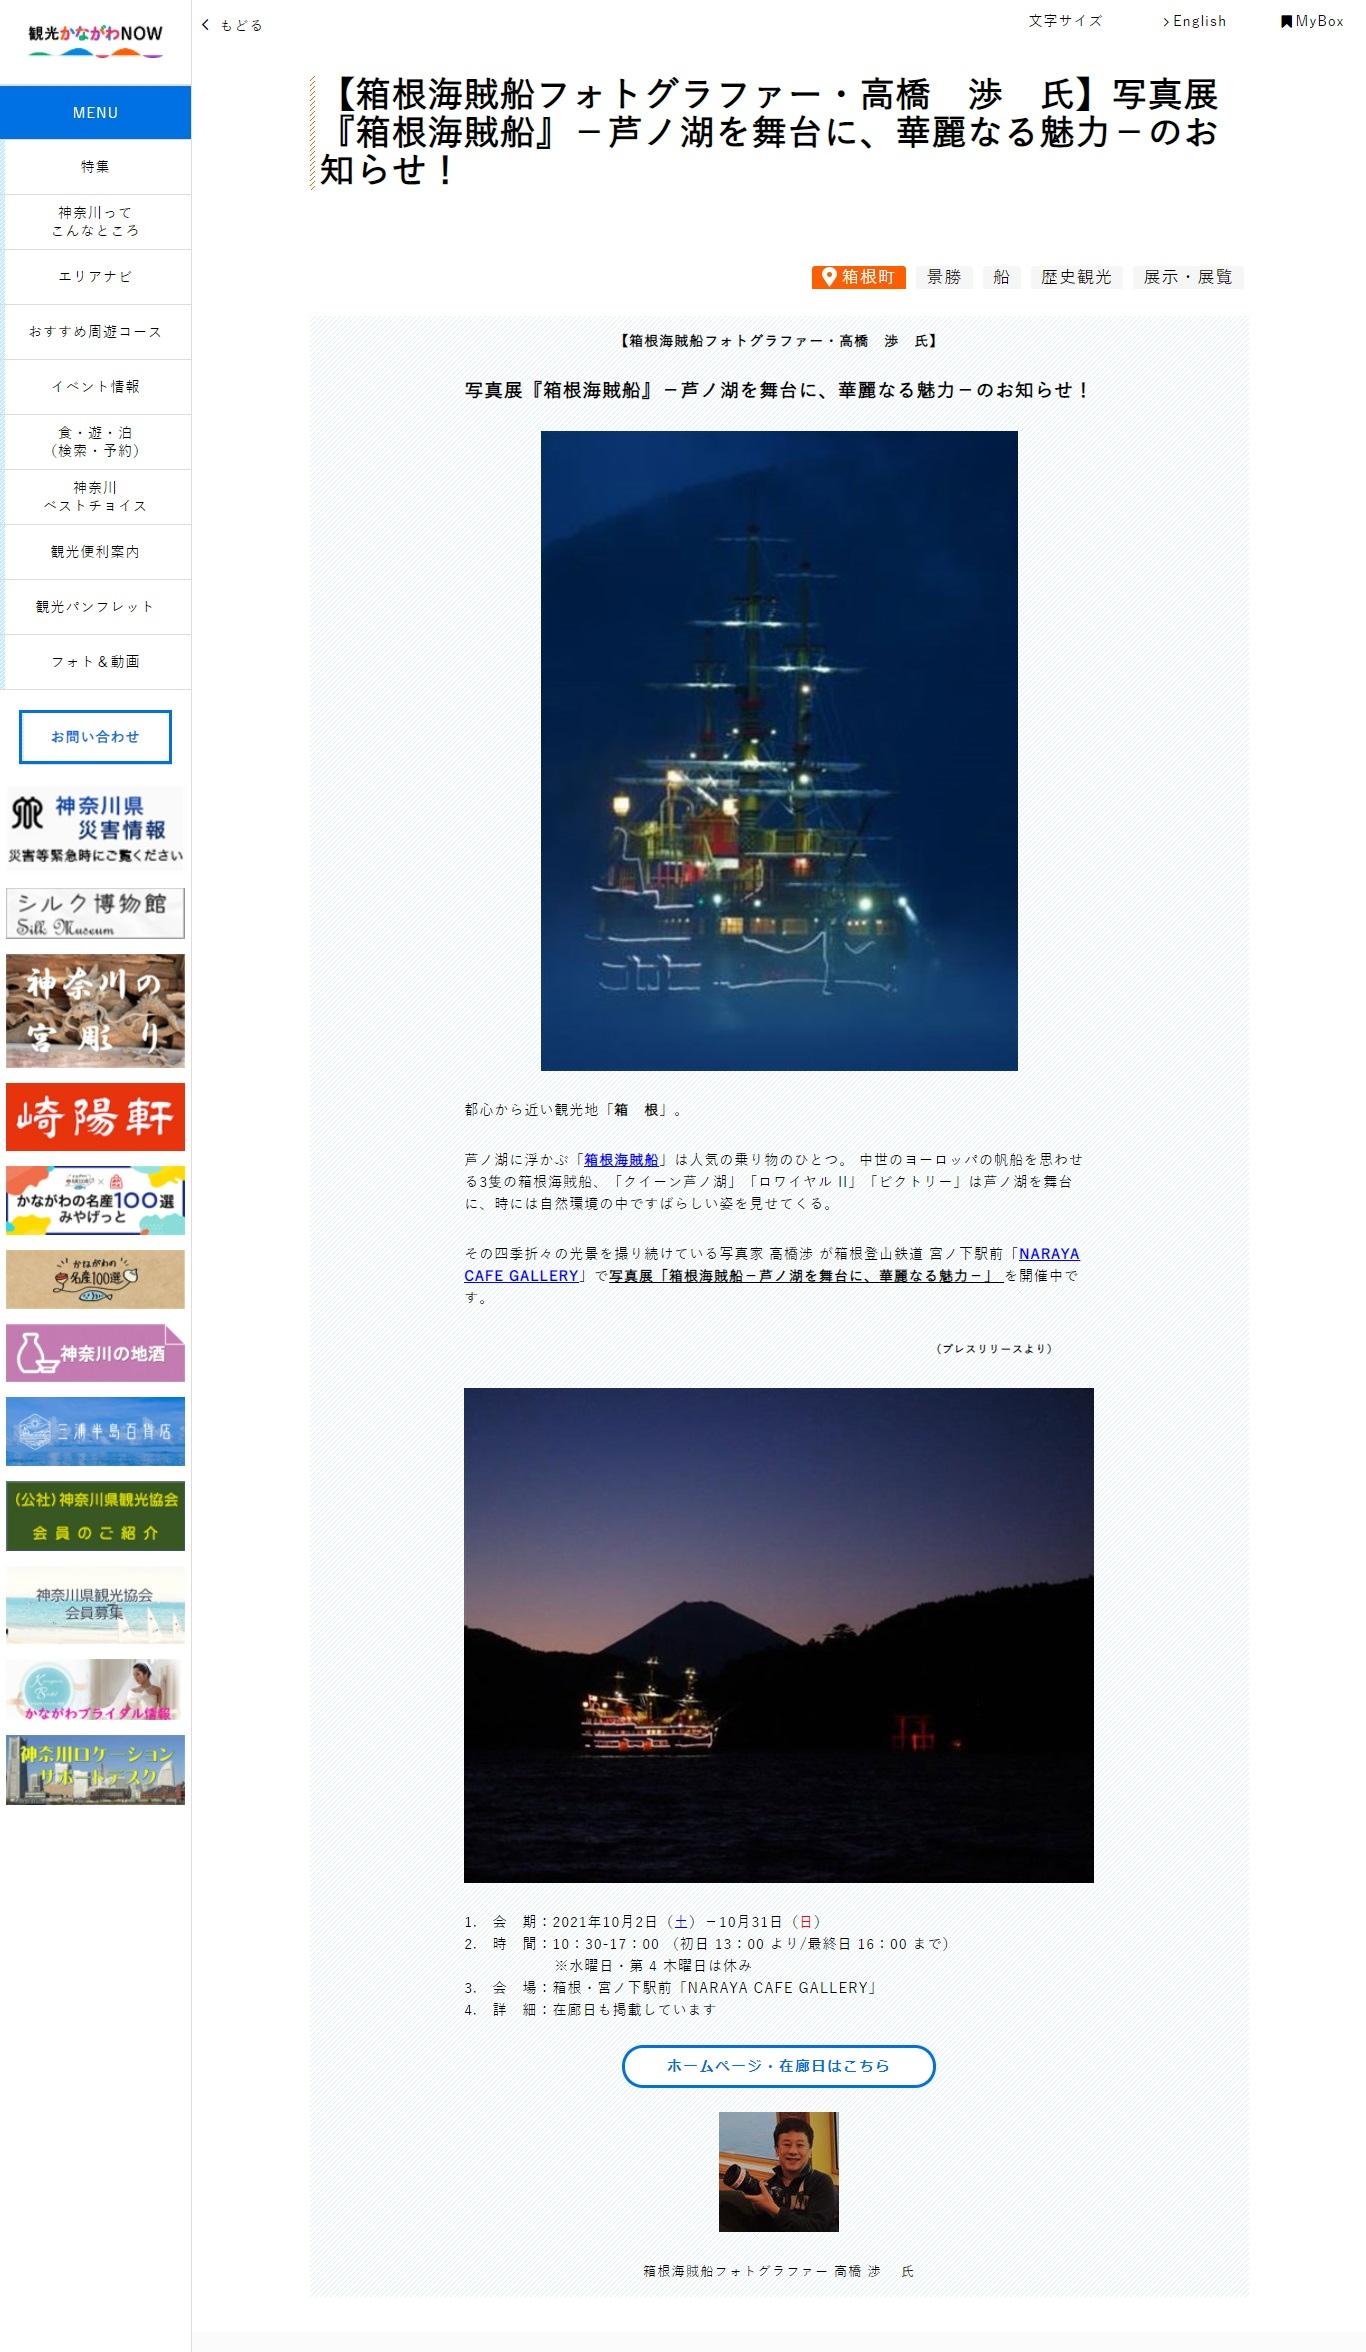 【箱根海賊船フォトグラファー・高橋 渉 氏】